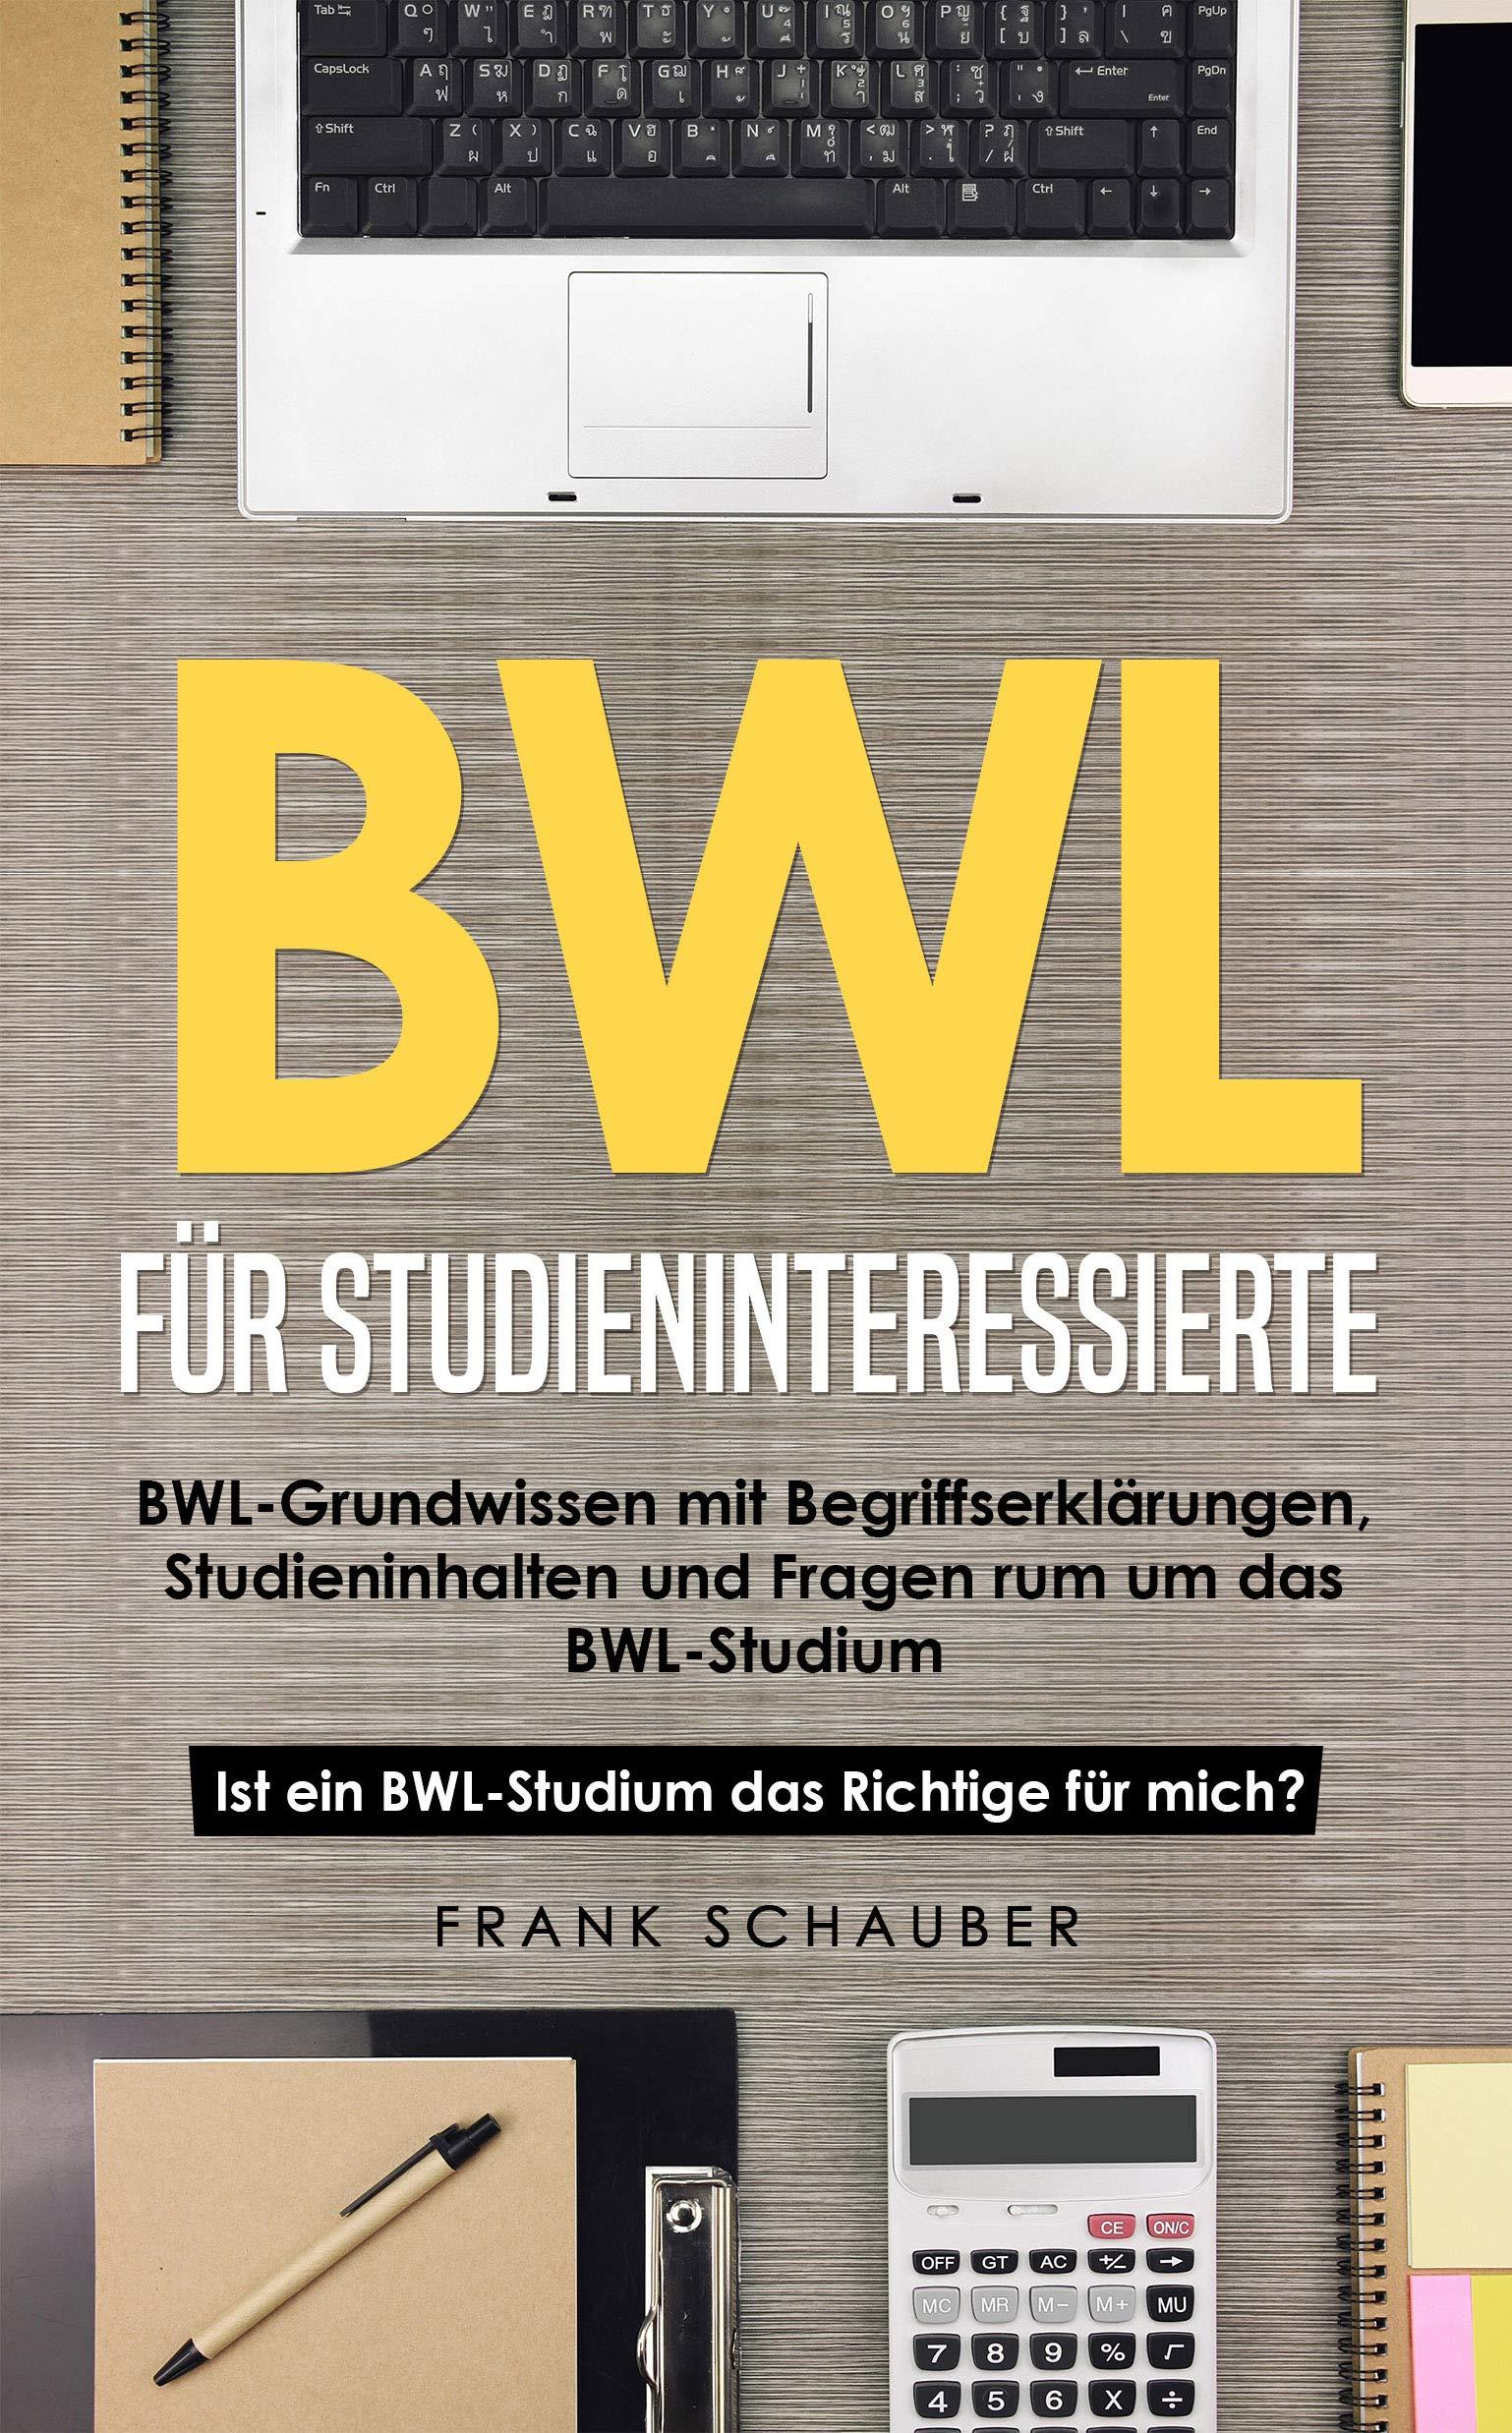 BWL für Studieninteressierte: BWL-Grundwissen mit Begriffserklärungen, Studieninhalten und Fragen rum um das BWL-Studium – Ist ein BWL-Studium das Richtige für mich? (German Edition)